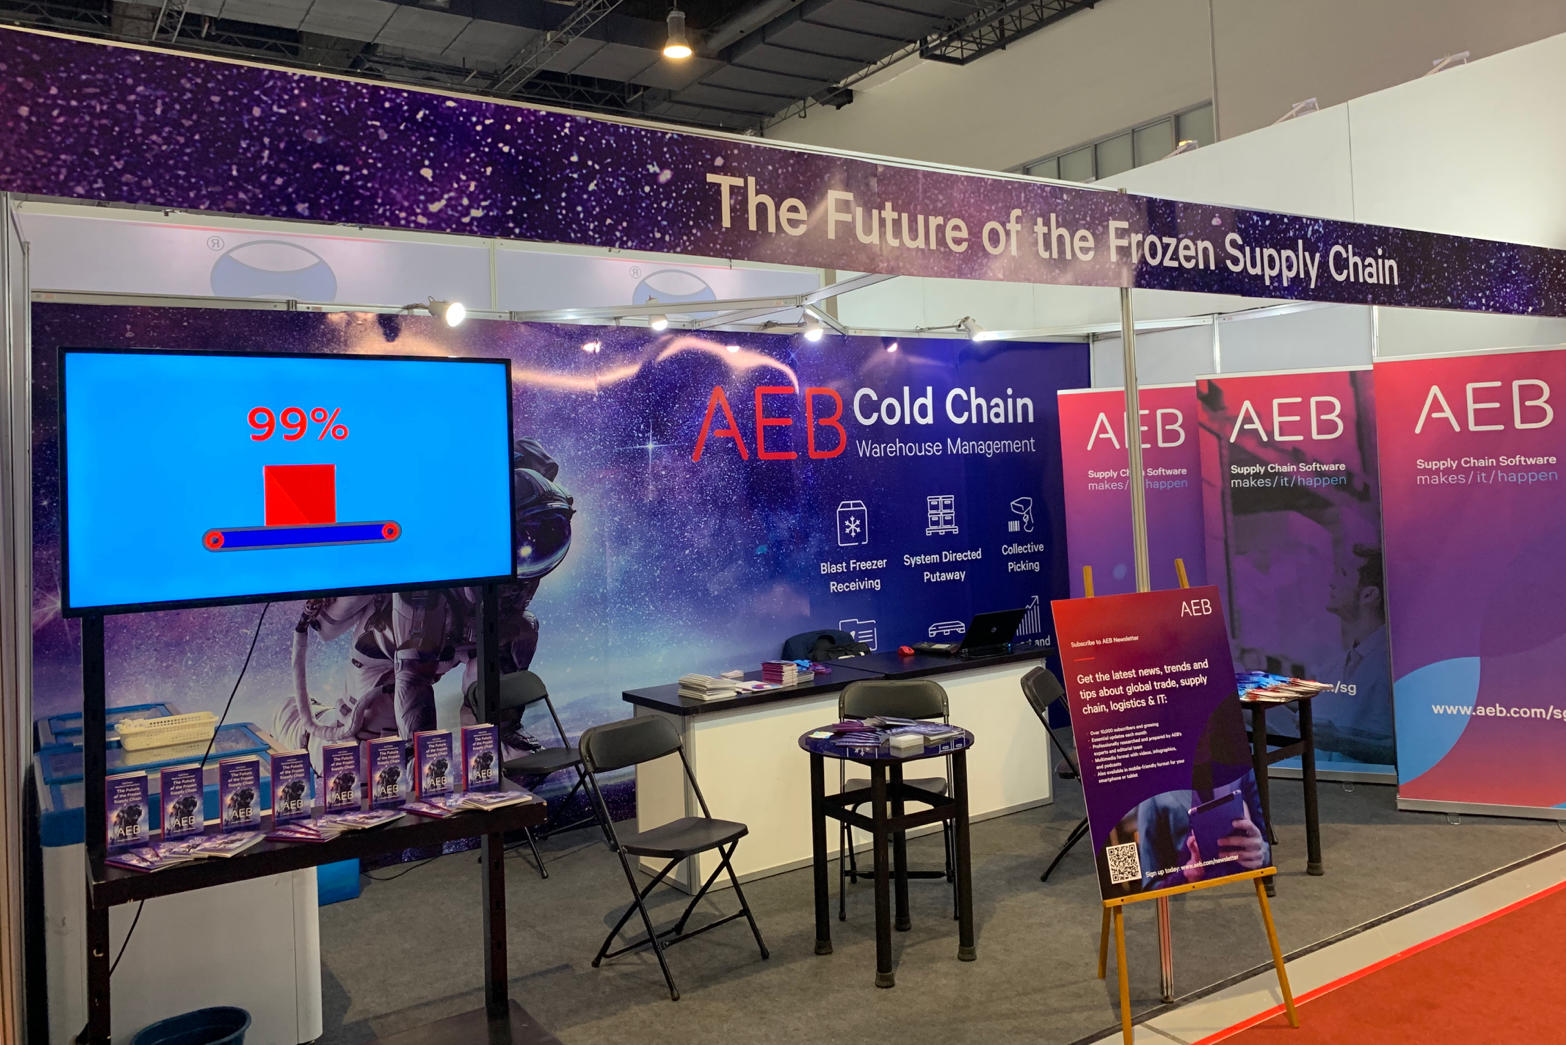 AEB (Asia Pacific) Pte Ltd